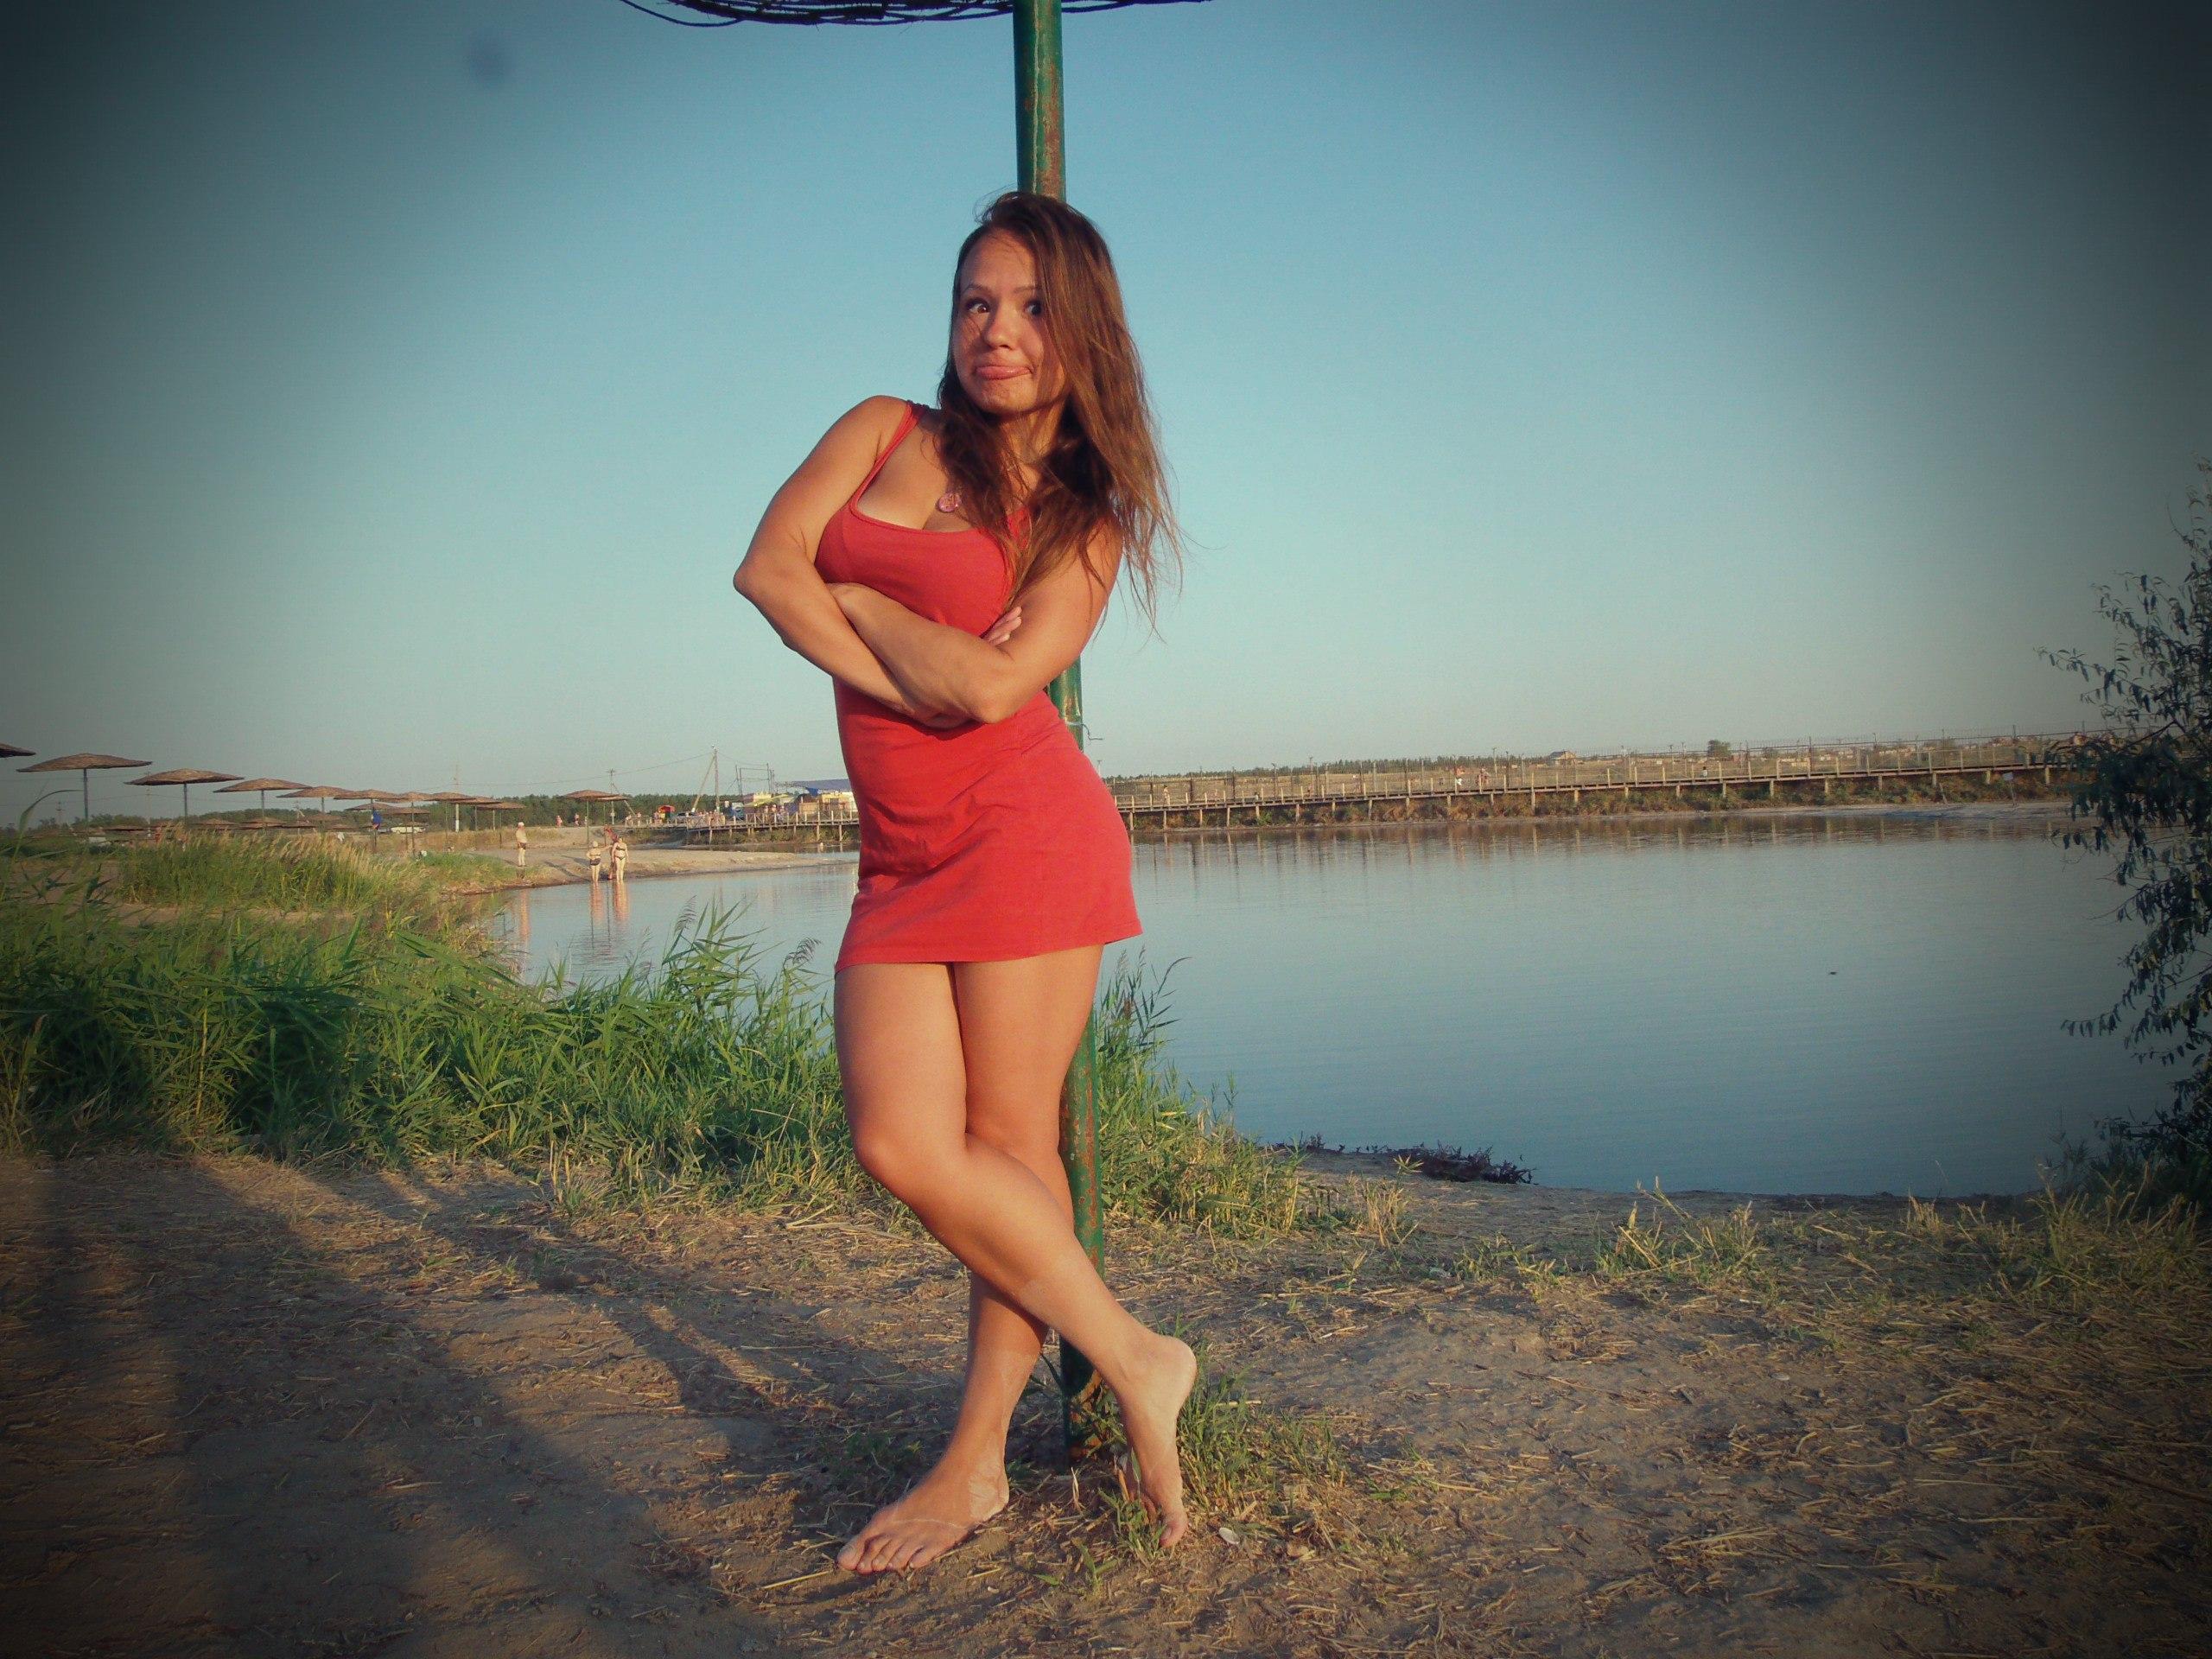 https://pp.userapi.com/c836334/v836334121/5d0ec/aqyzqBwVL6c.jpg